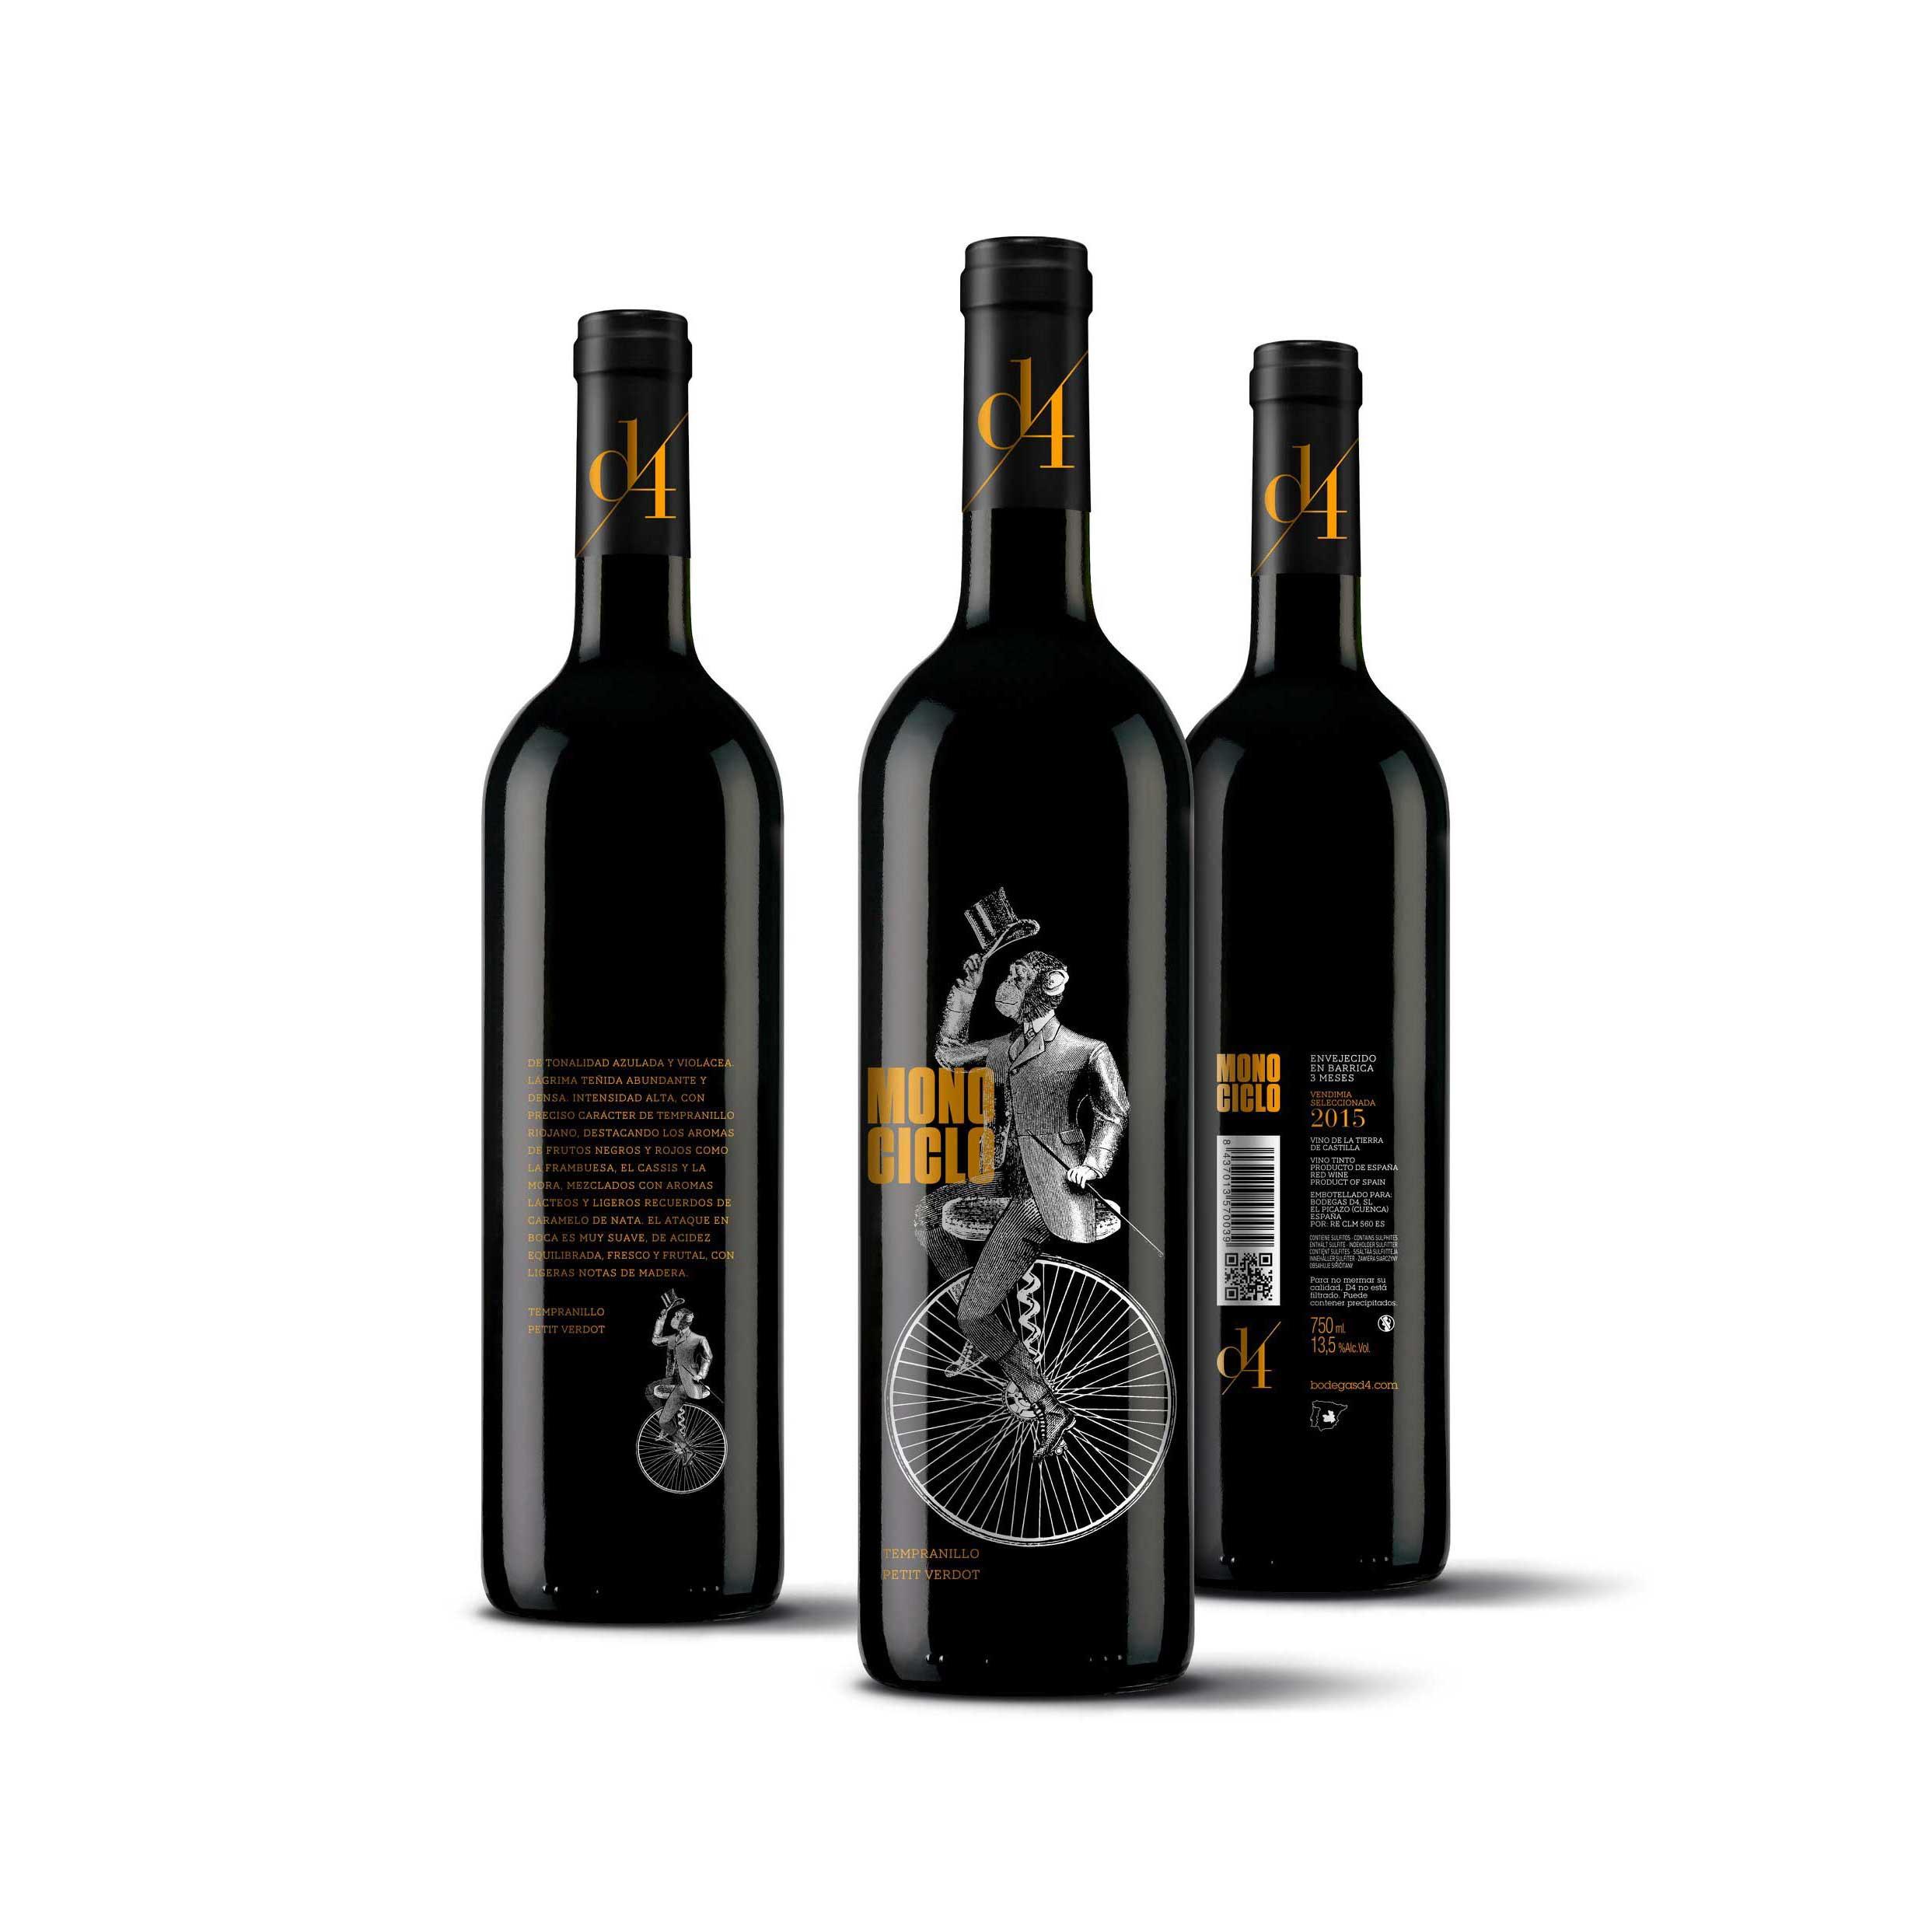 Comprar Vino Tinto de Autor, Monociclo. Uvas Tempranillo y Petit Verdot. I.G.P. Vinos Tierra de Castilla. Producto Gourmet Cuenca. Delicatessen Castilla-La Mancha